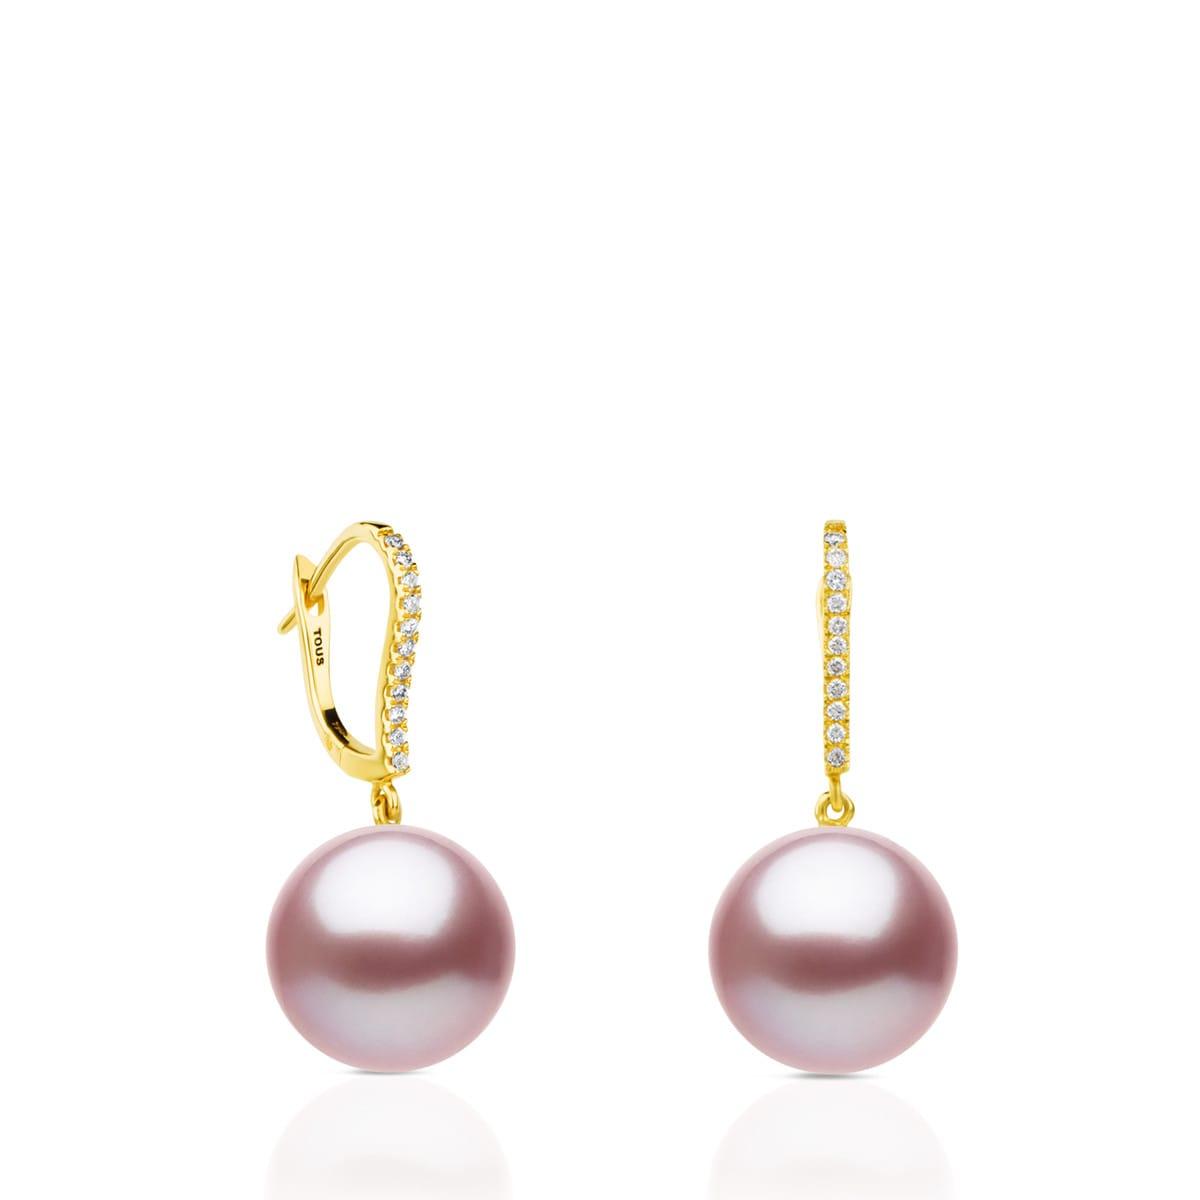 3cb62bfe1459 Pendientes ATELIER Novias de Oro con Perlas y Diamantes - Sitio web ...